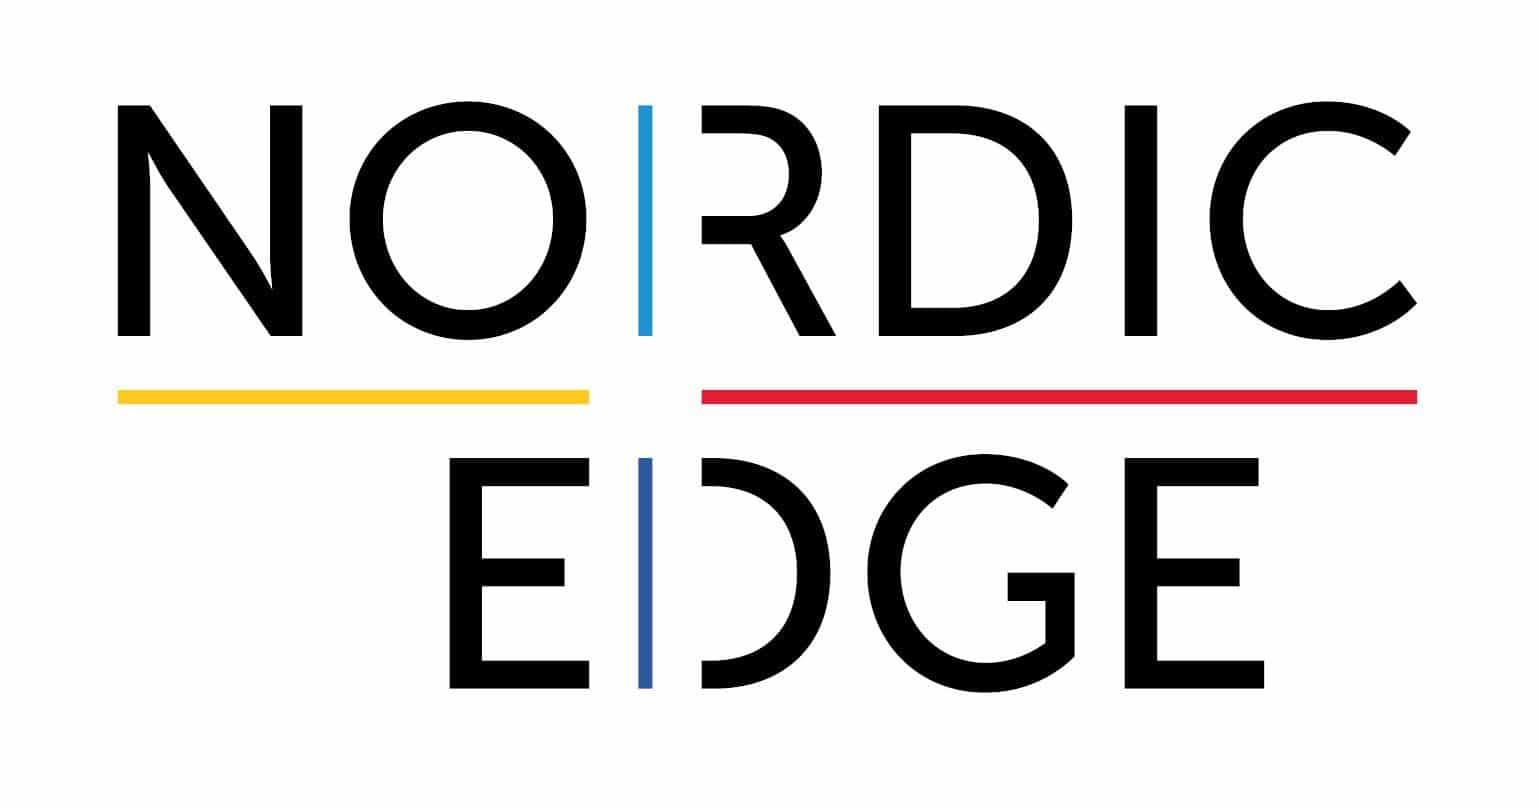 Nordic Edge Expo 2020